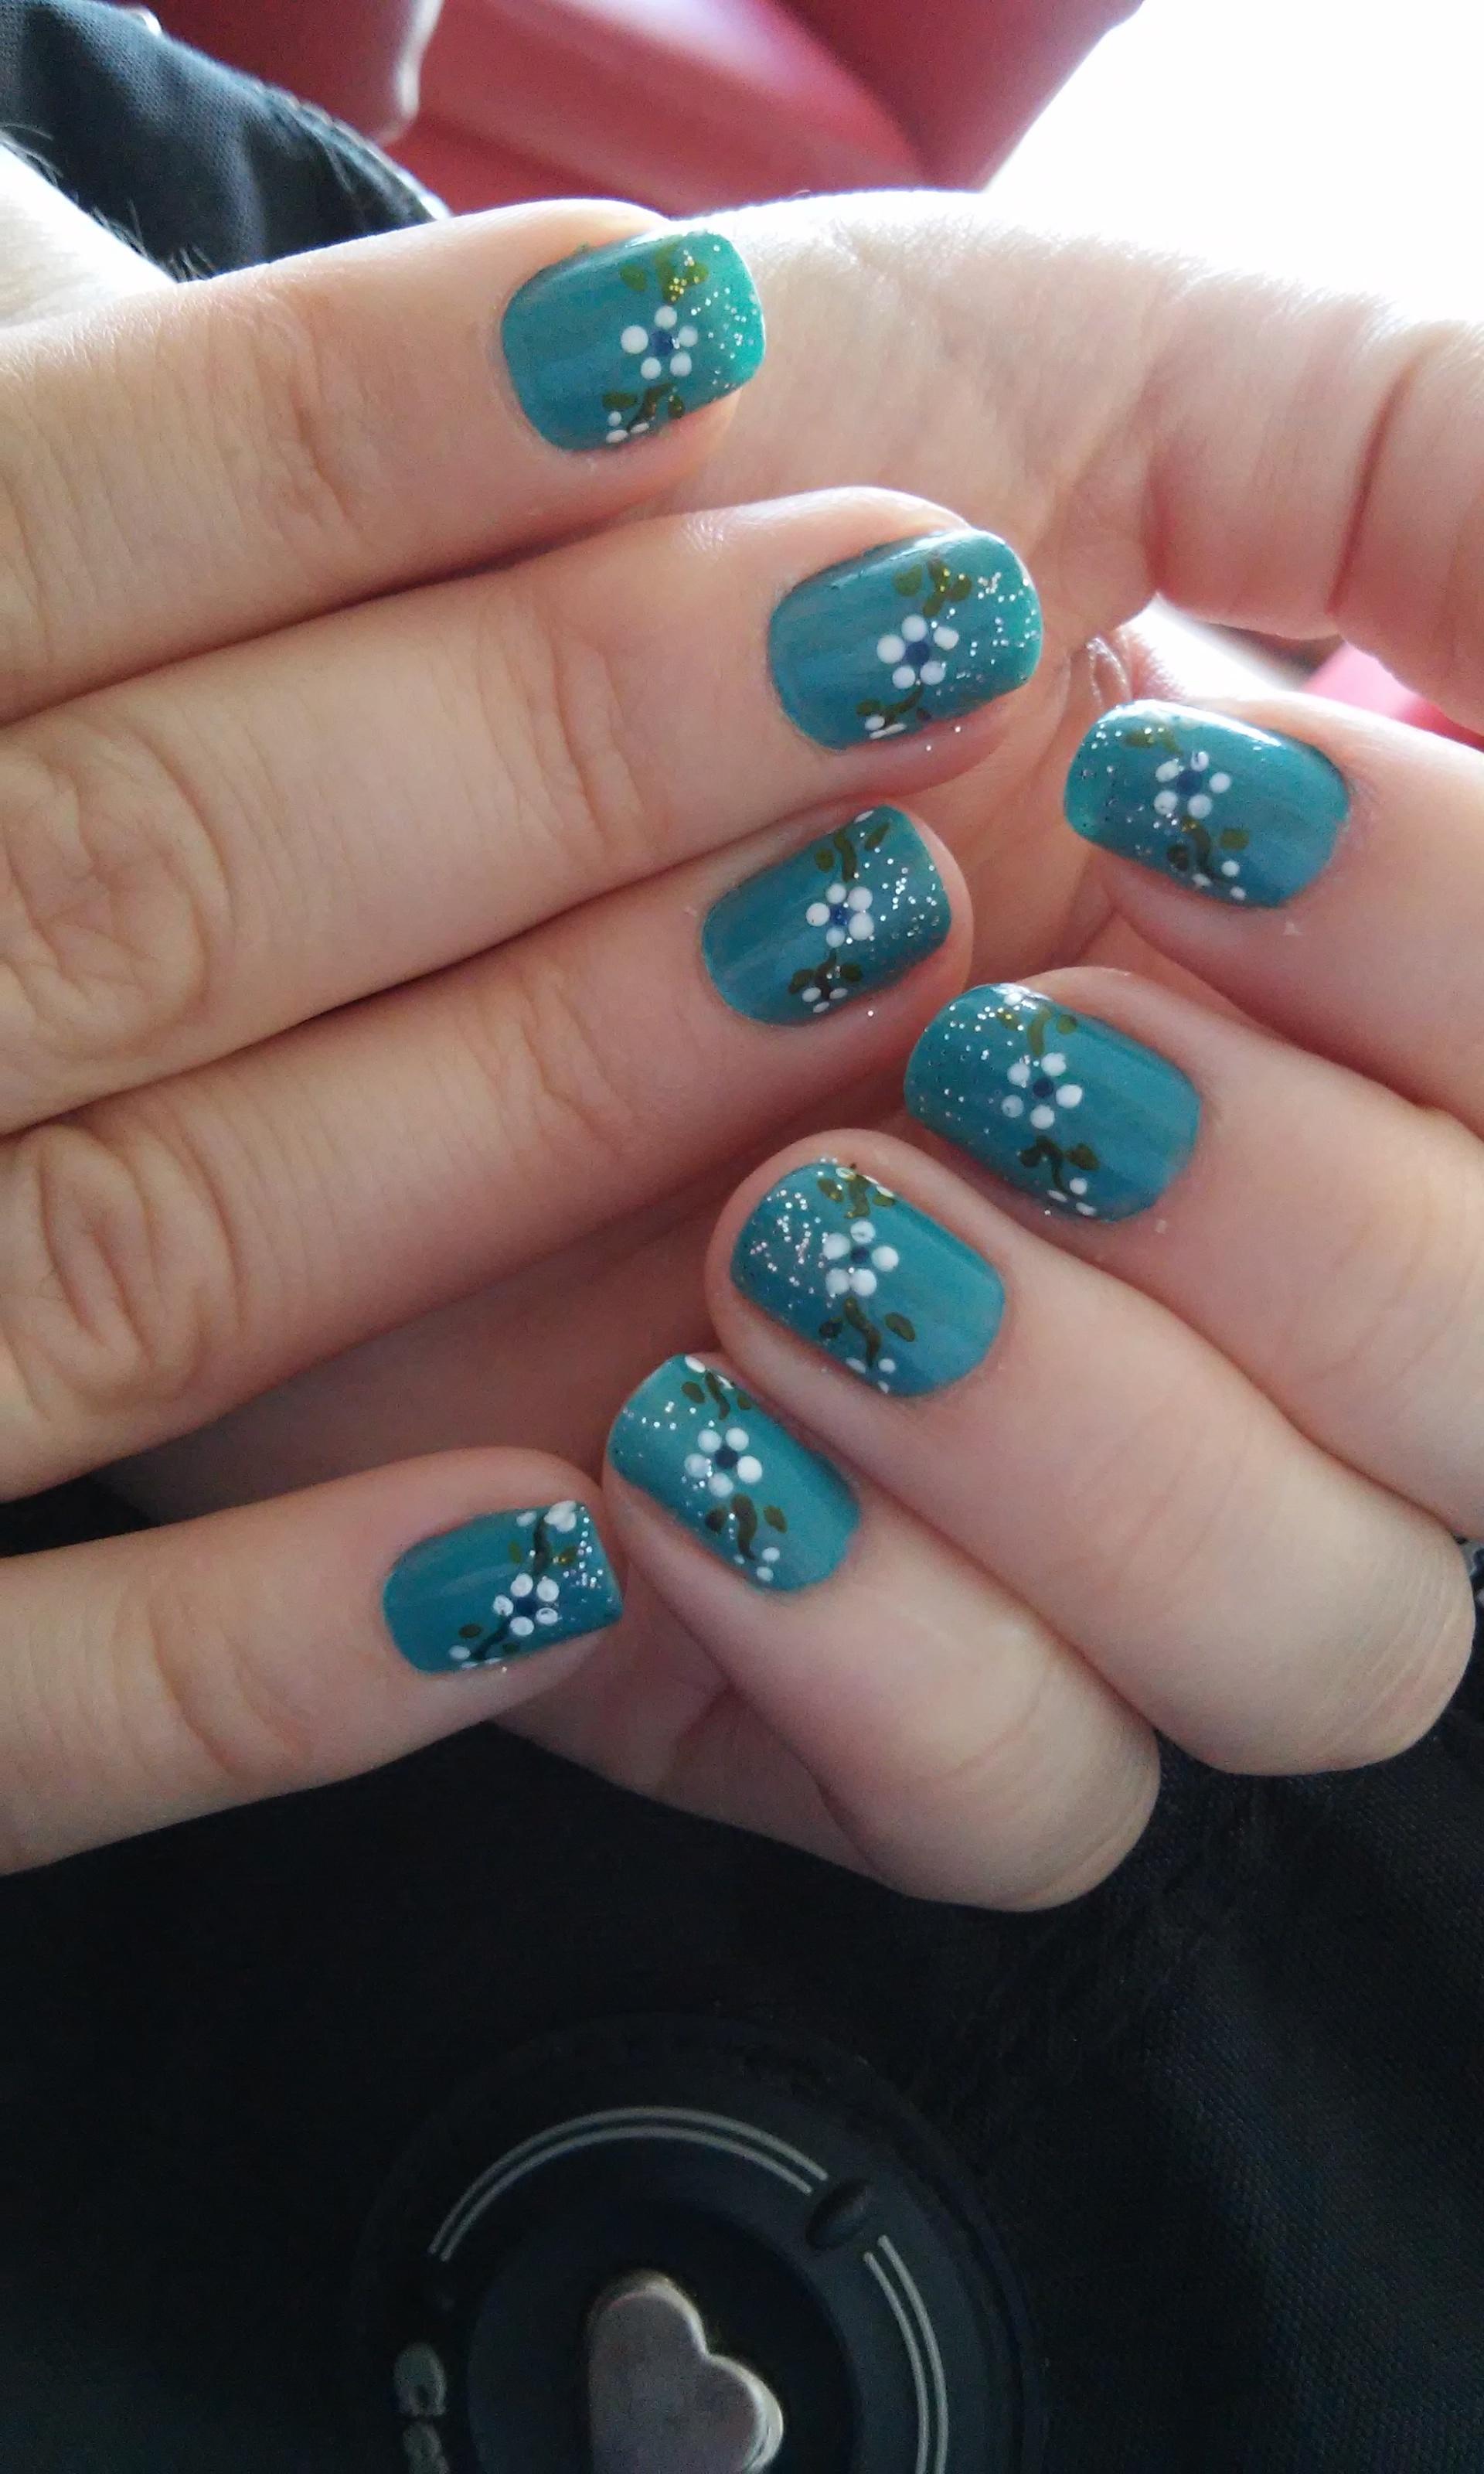 festa, ano novo, natal, balada, simples unhas  manicure e pedicure manicure e pedicure manicure e pedicure